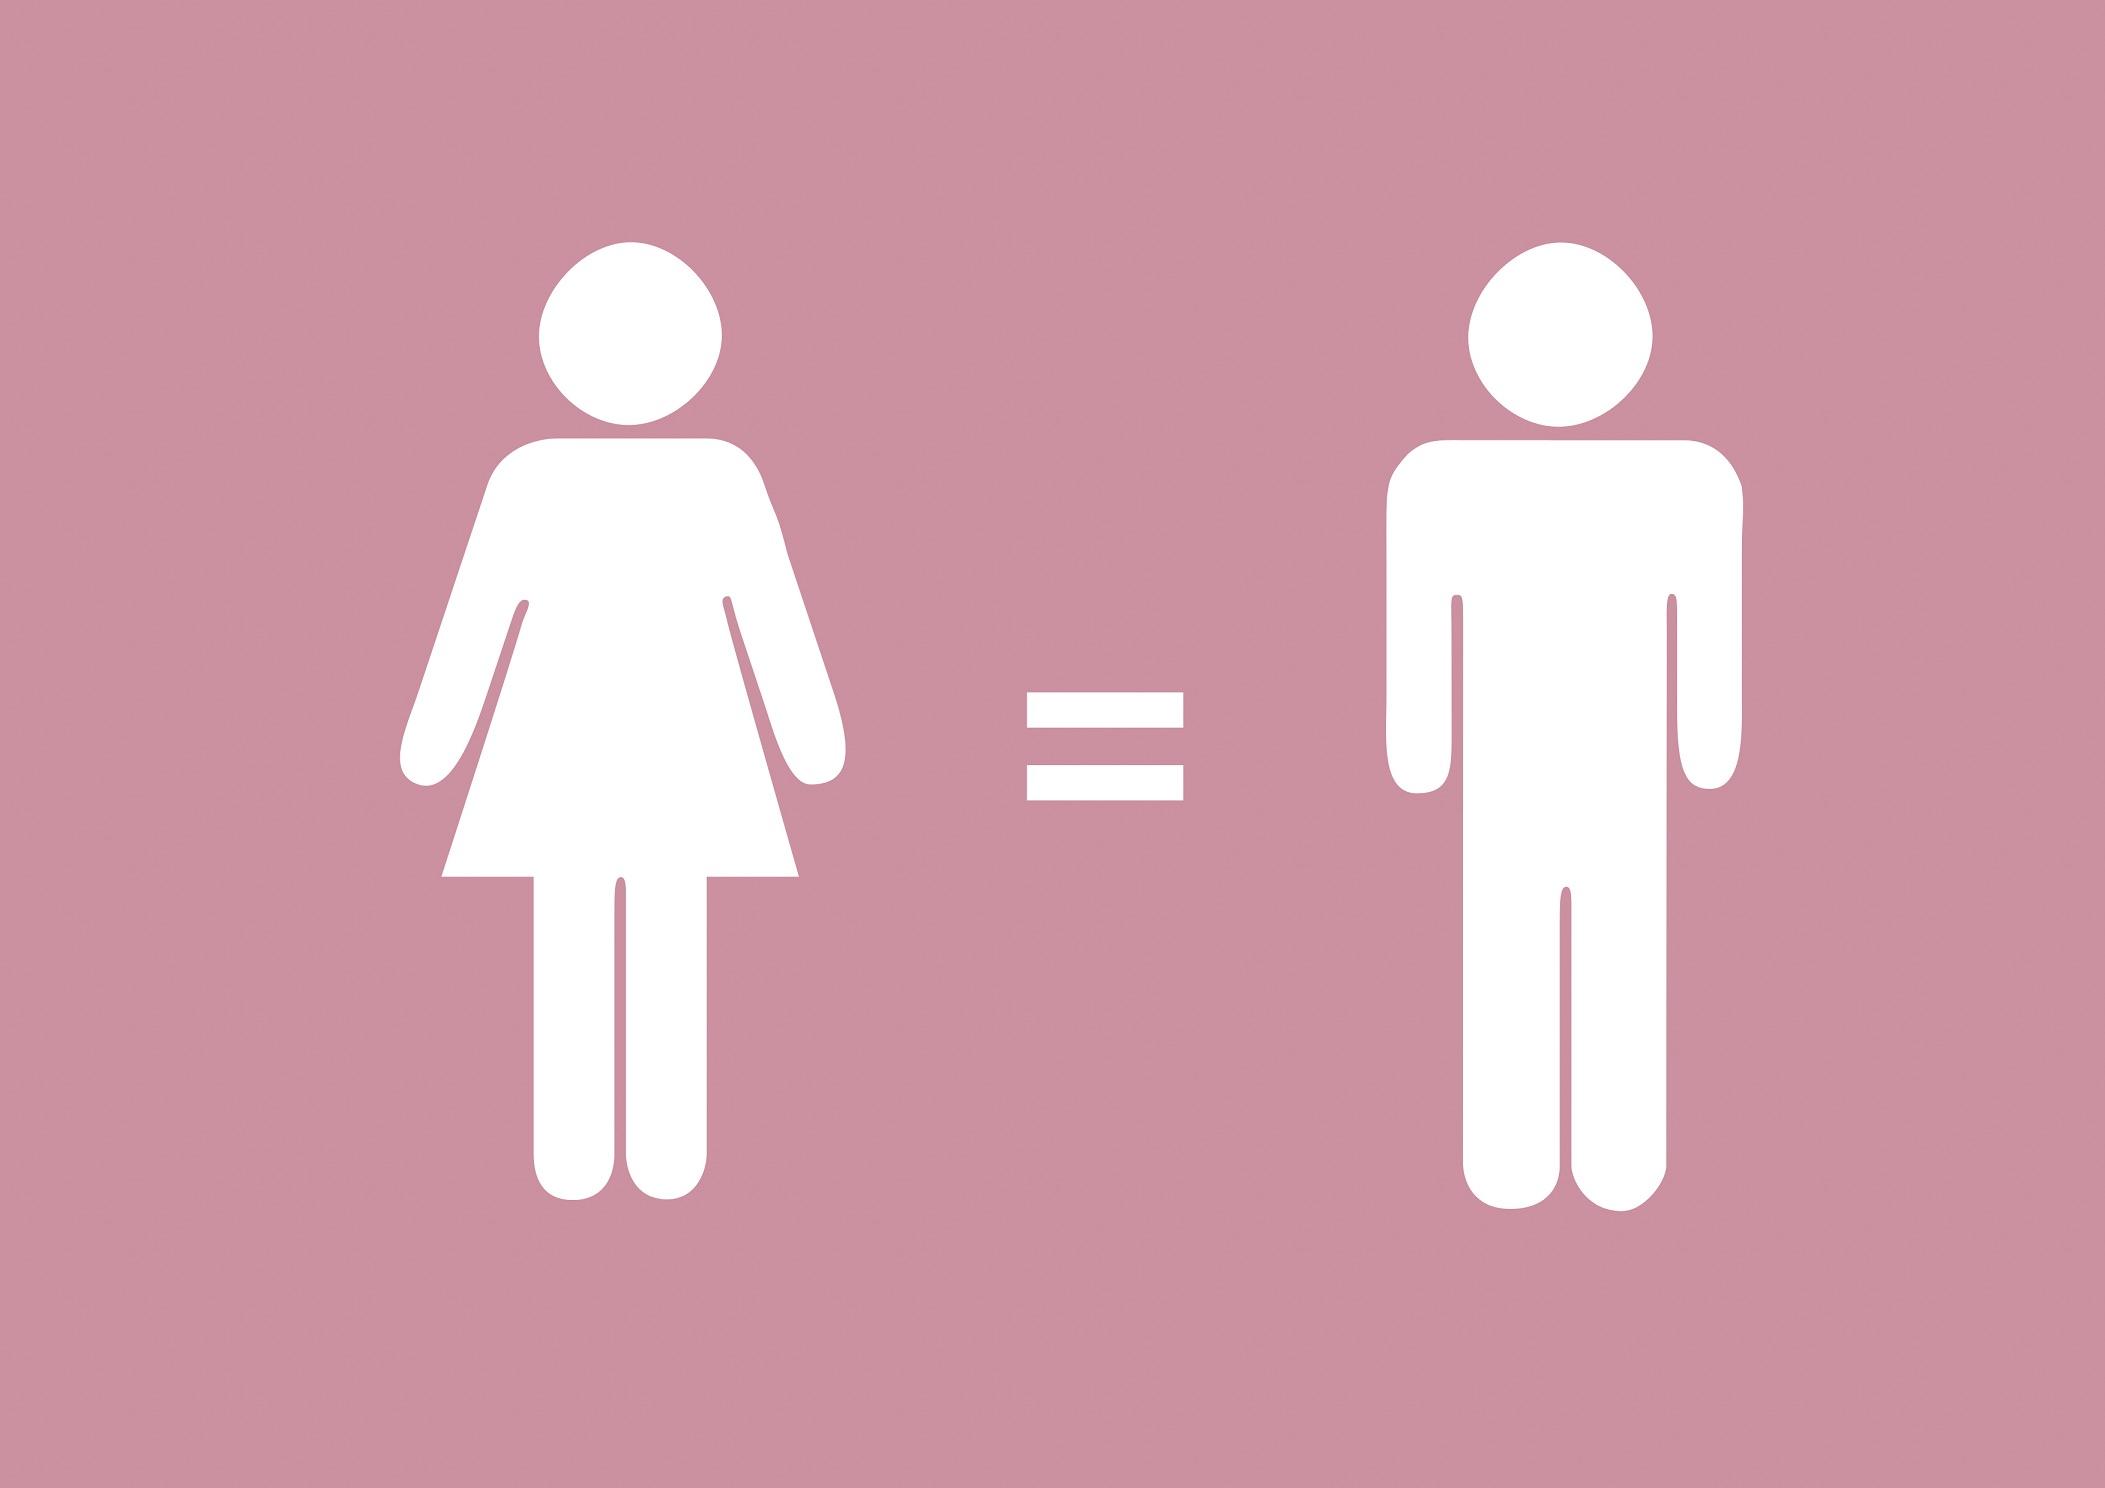 videocuentos sobre los estereotipos de género que podemos abordar en el aula o en nuestros hogares